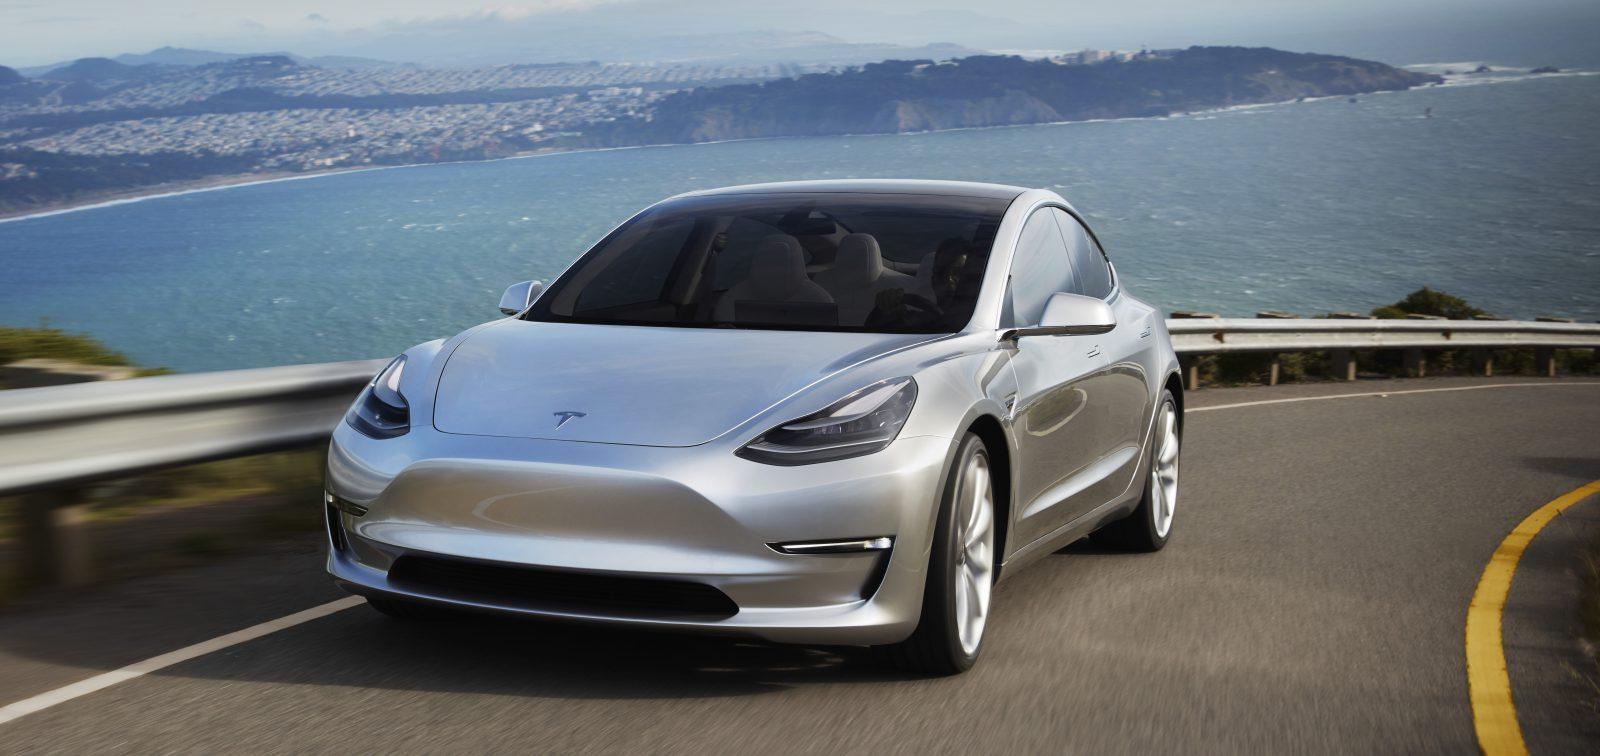 Tesla, como Apple, engendra su fenómeno de masas: el Model 3 no tiene rival